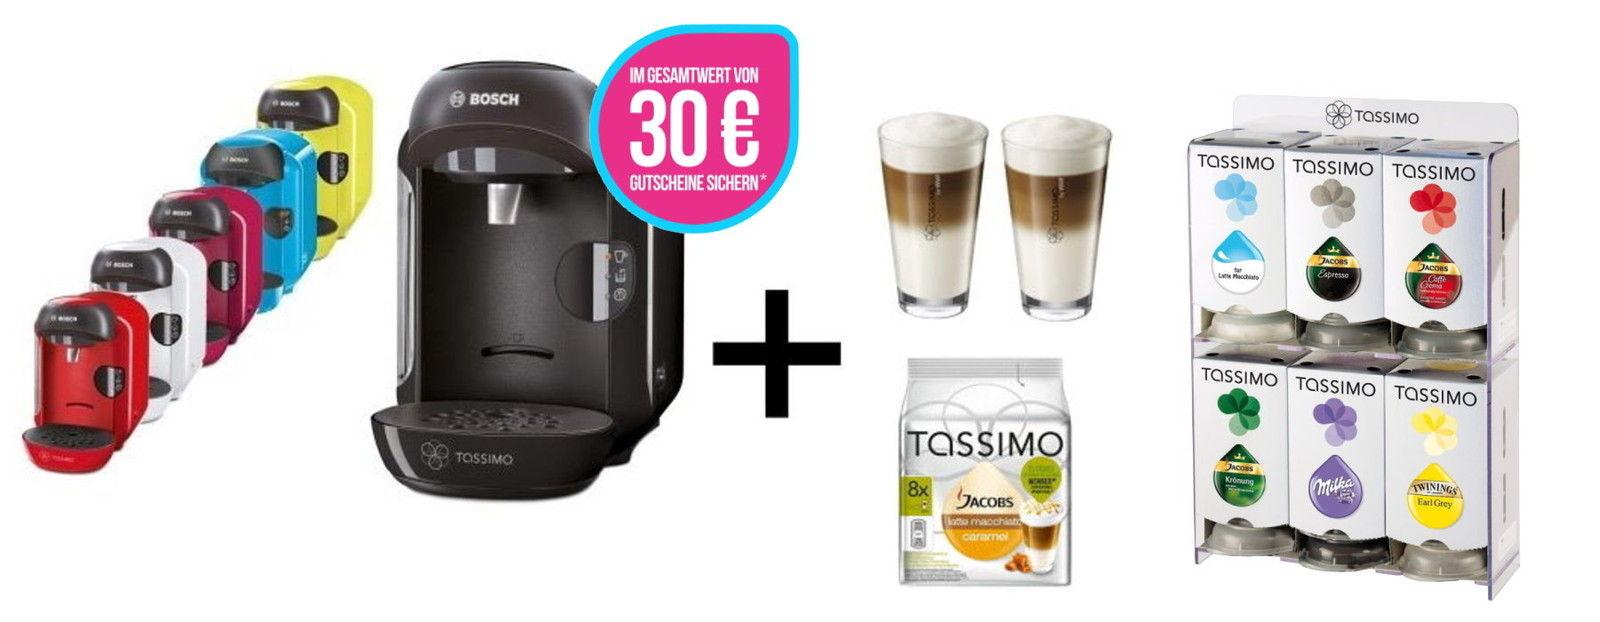 Bosch TASSIMO VIVY + 30 EUR Gutscheine* + T Discs + WMF Gläser Set + Spender